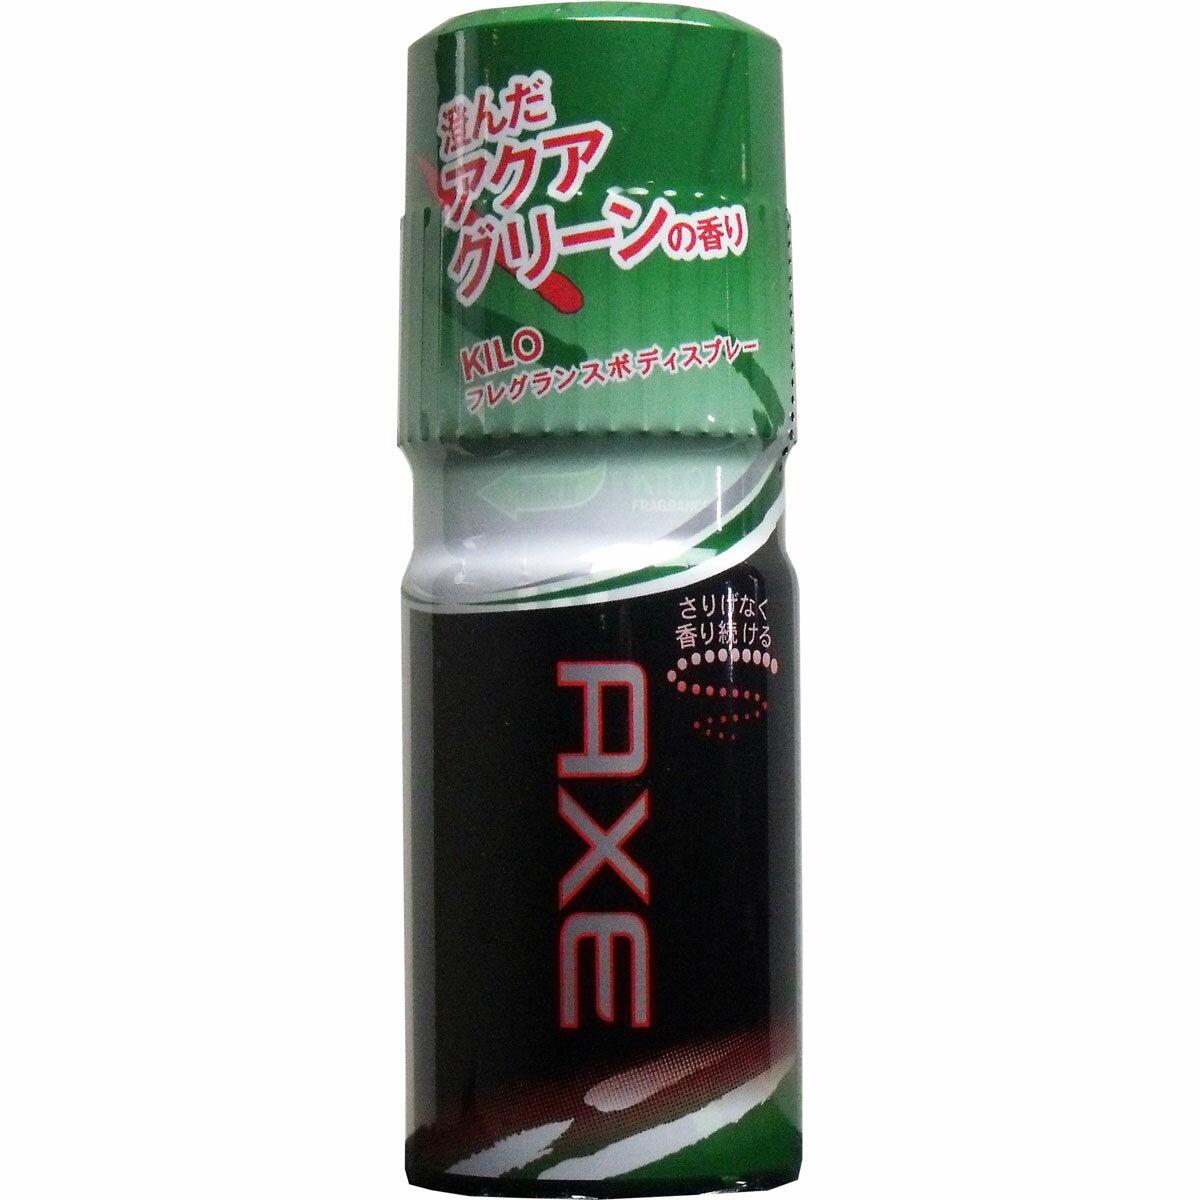 【送料無料】AXE(アックス) フレグランス ボディスプレー キロ アクアグリーンの香り 60g入【4902111731513】